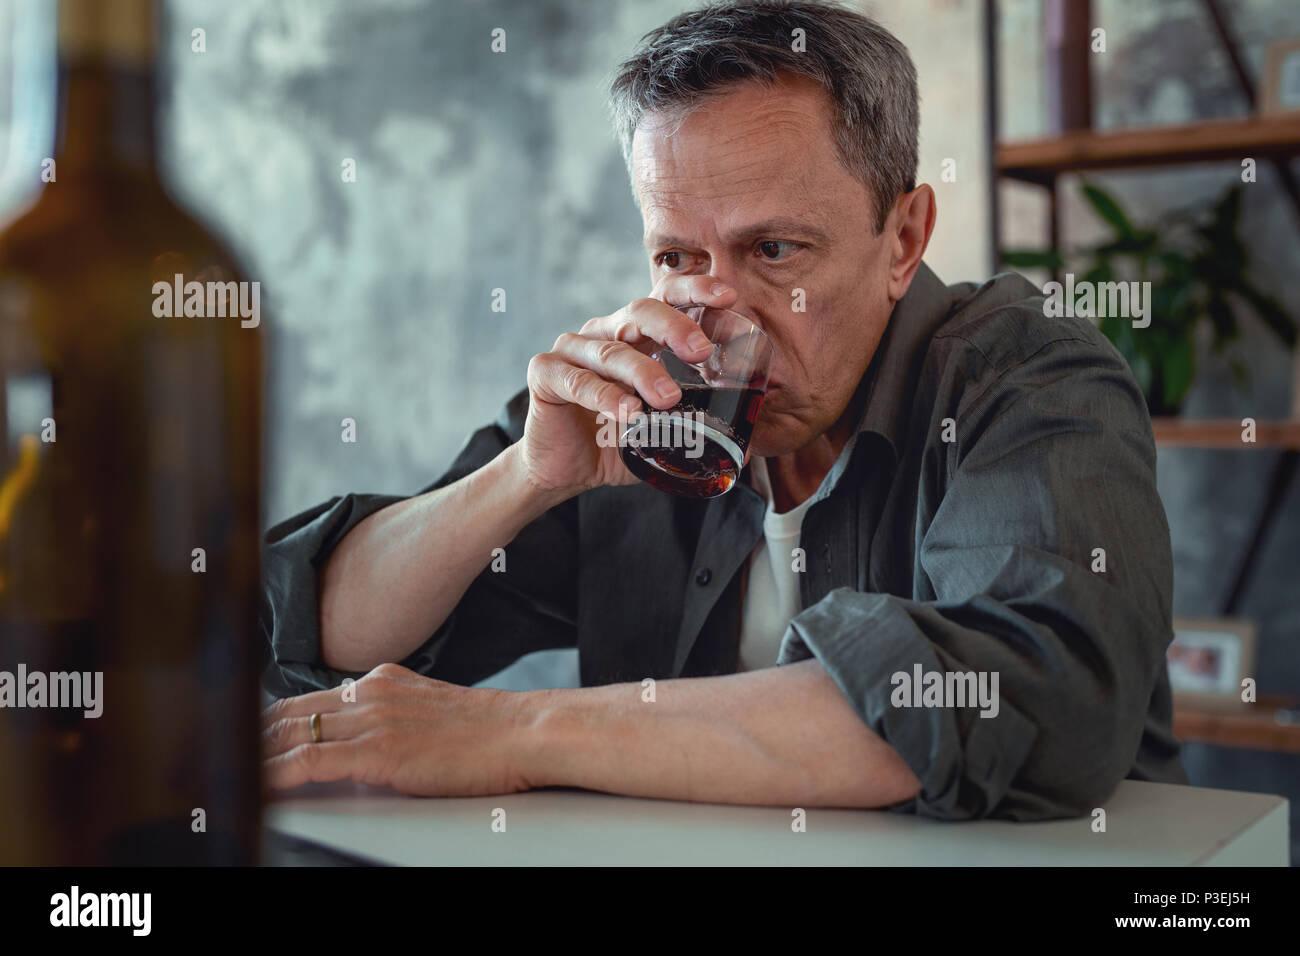 Hombre maduro, vistiendo camisetas oscuras bebiendo coñac Imagen De Stock